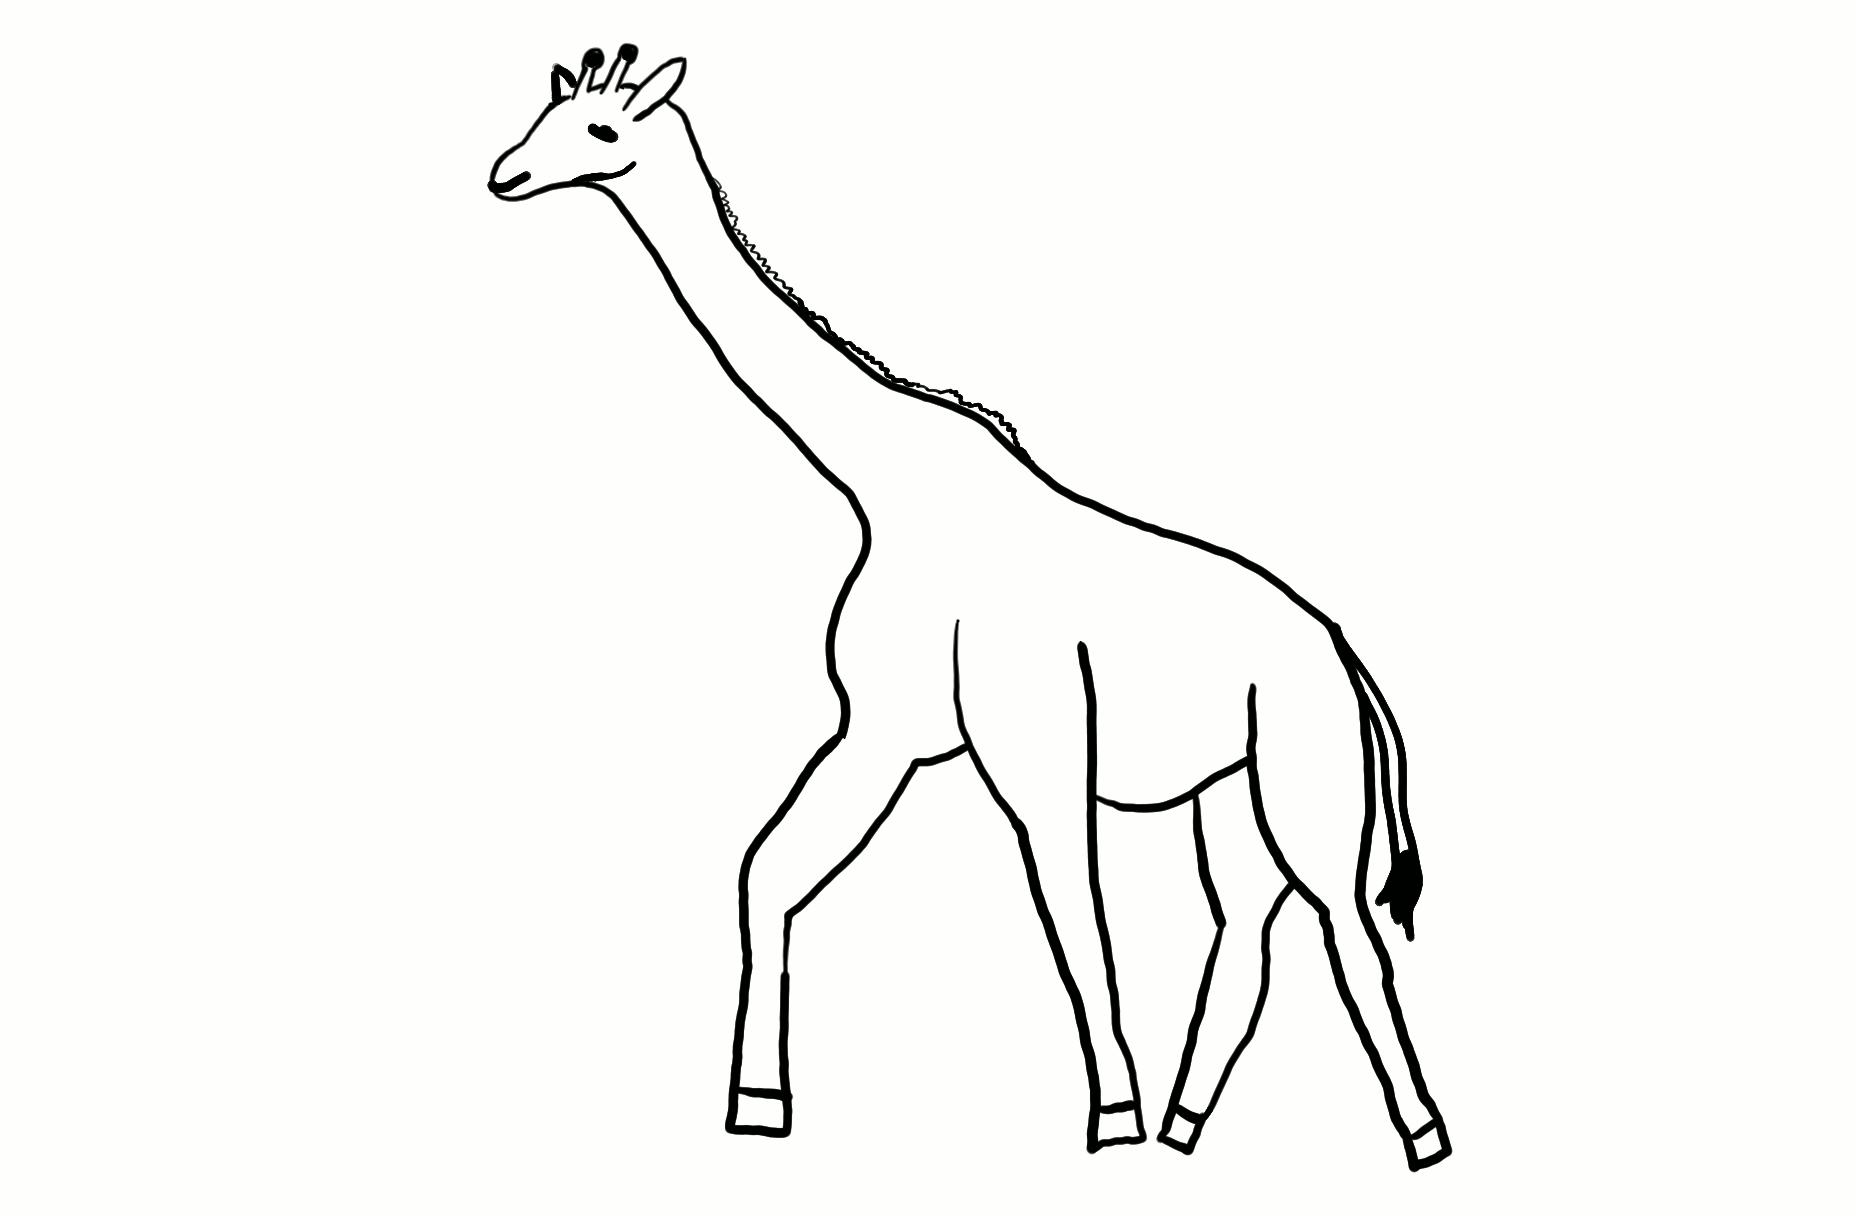 Giraffe Outline Outline Zentangle Giraffe